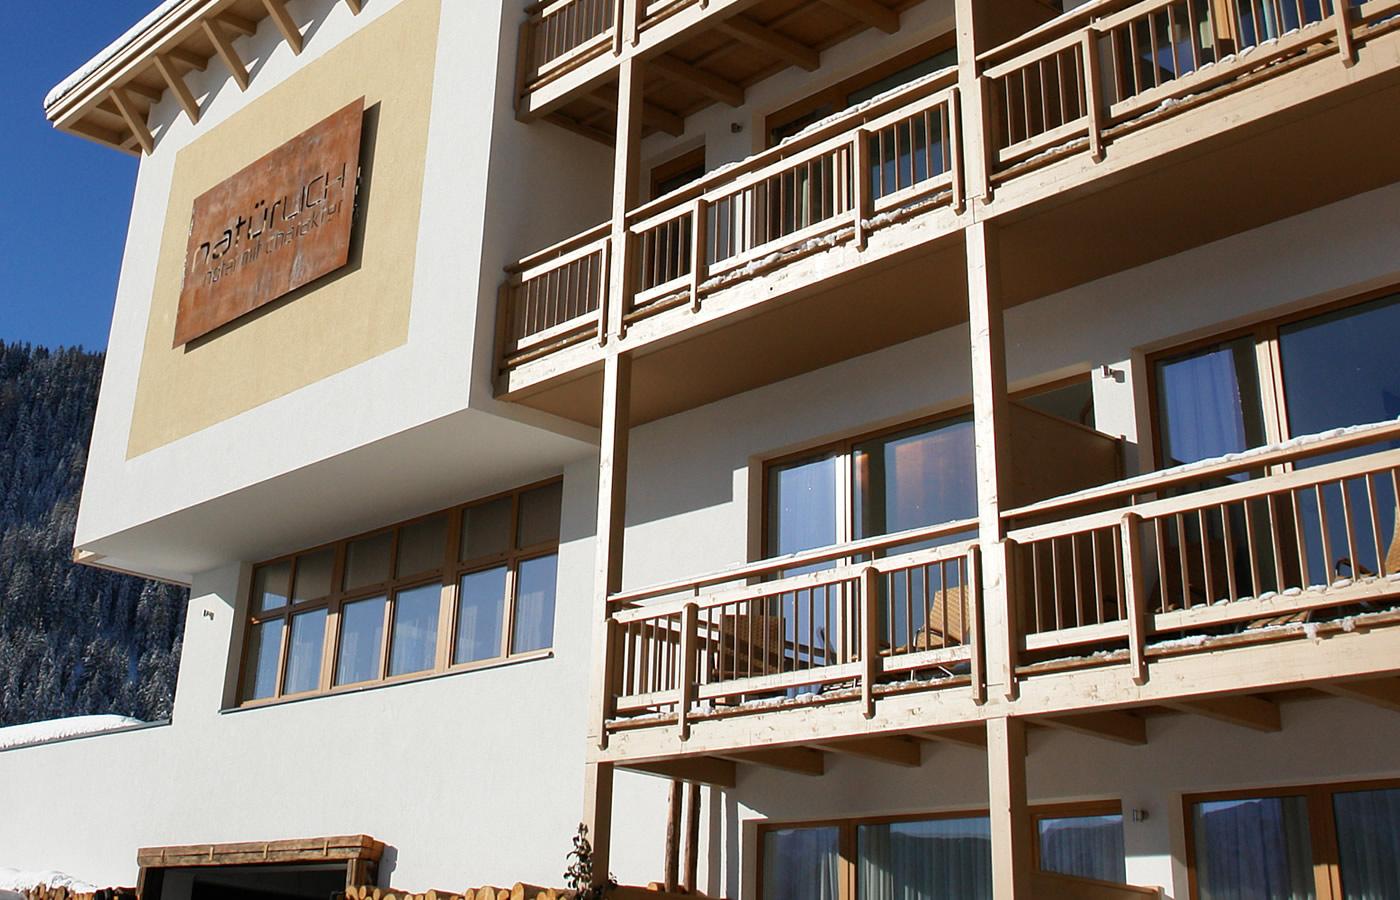 Südansicht des Hotels - Natürlich. Hotel in Fiss, Tirol.